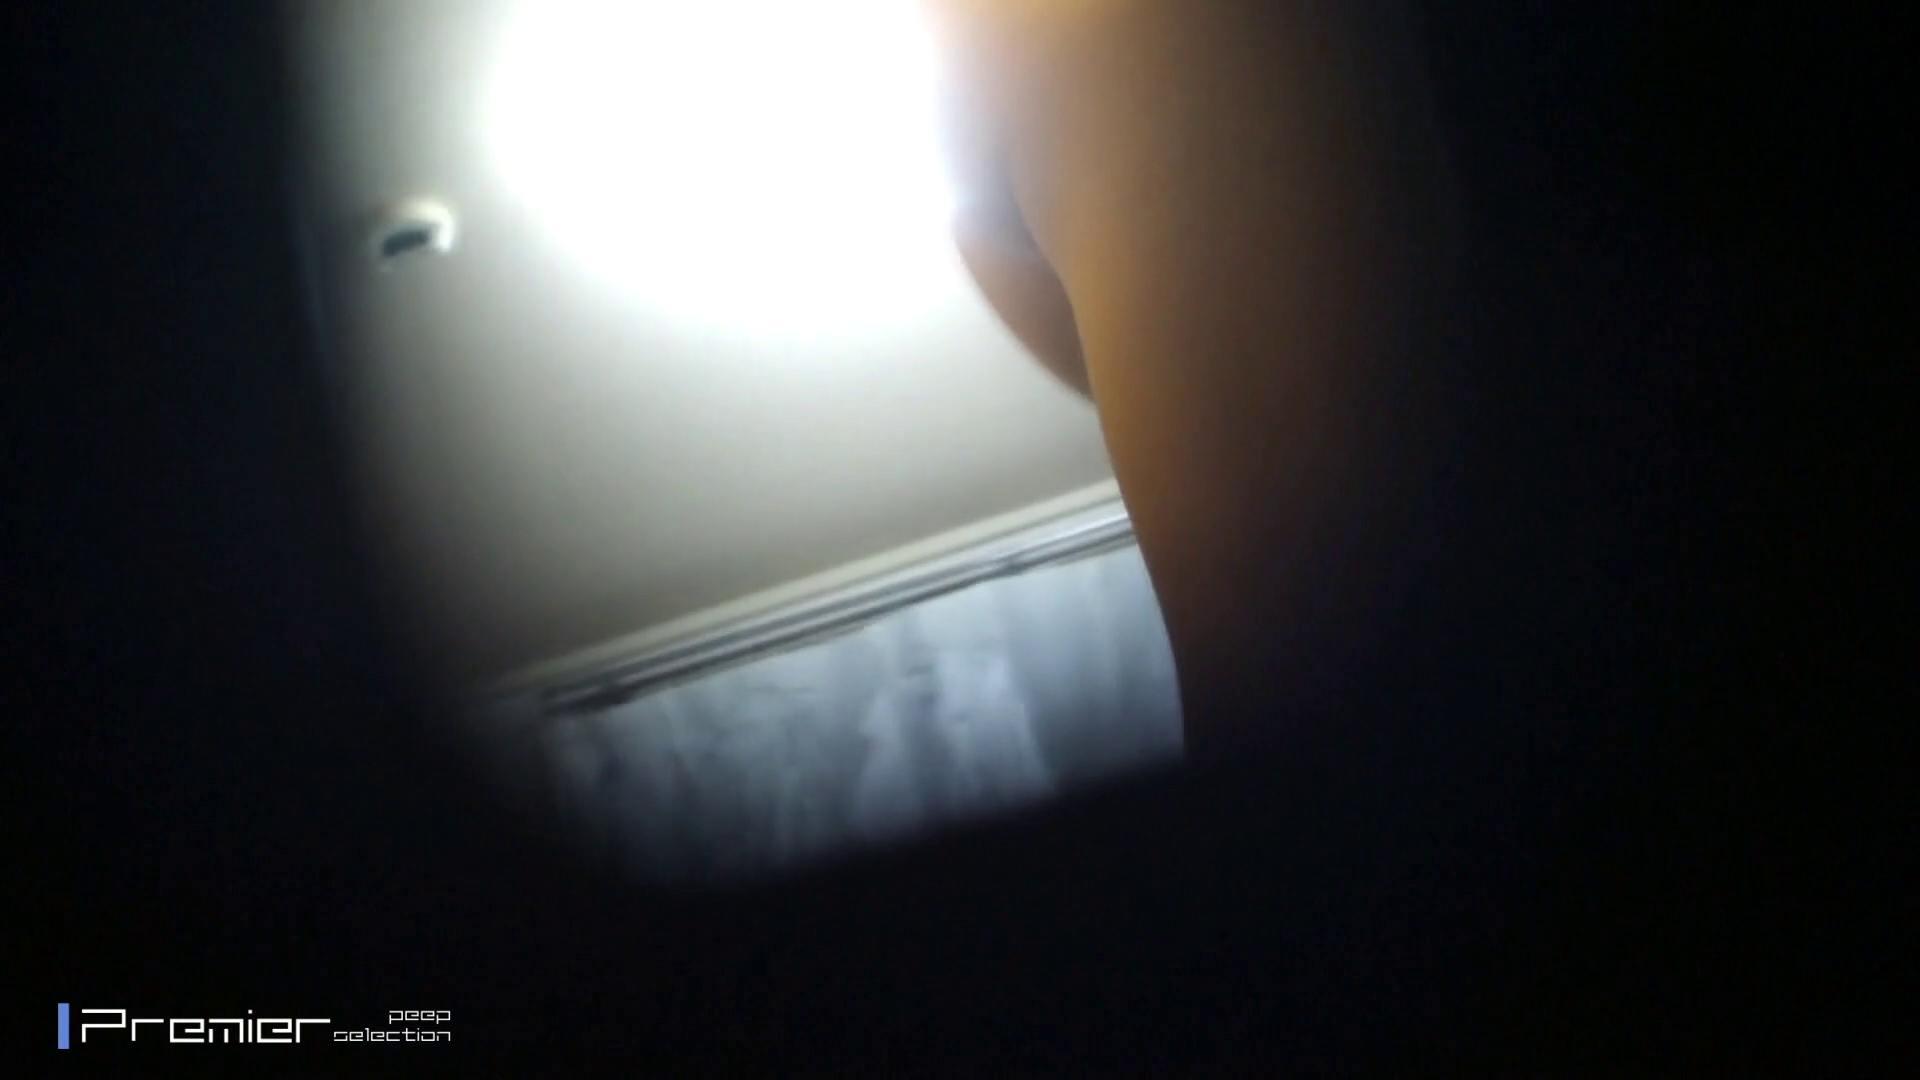 美人限定★女子大生の私生活★詰合せ 美女達の私生活に潜入! 高画質 隠し撮りオマンコ動画紹介 51pic 13